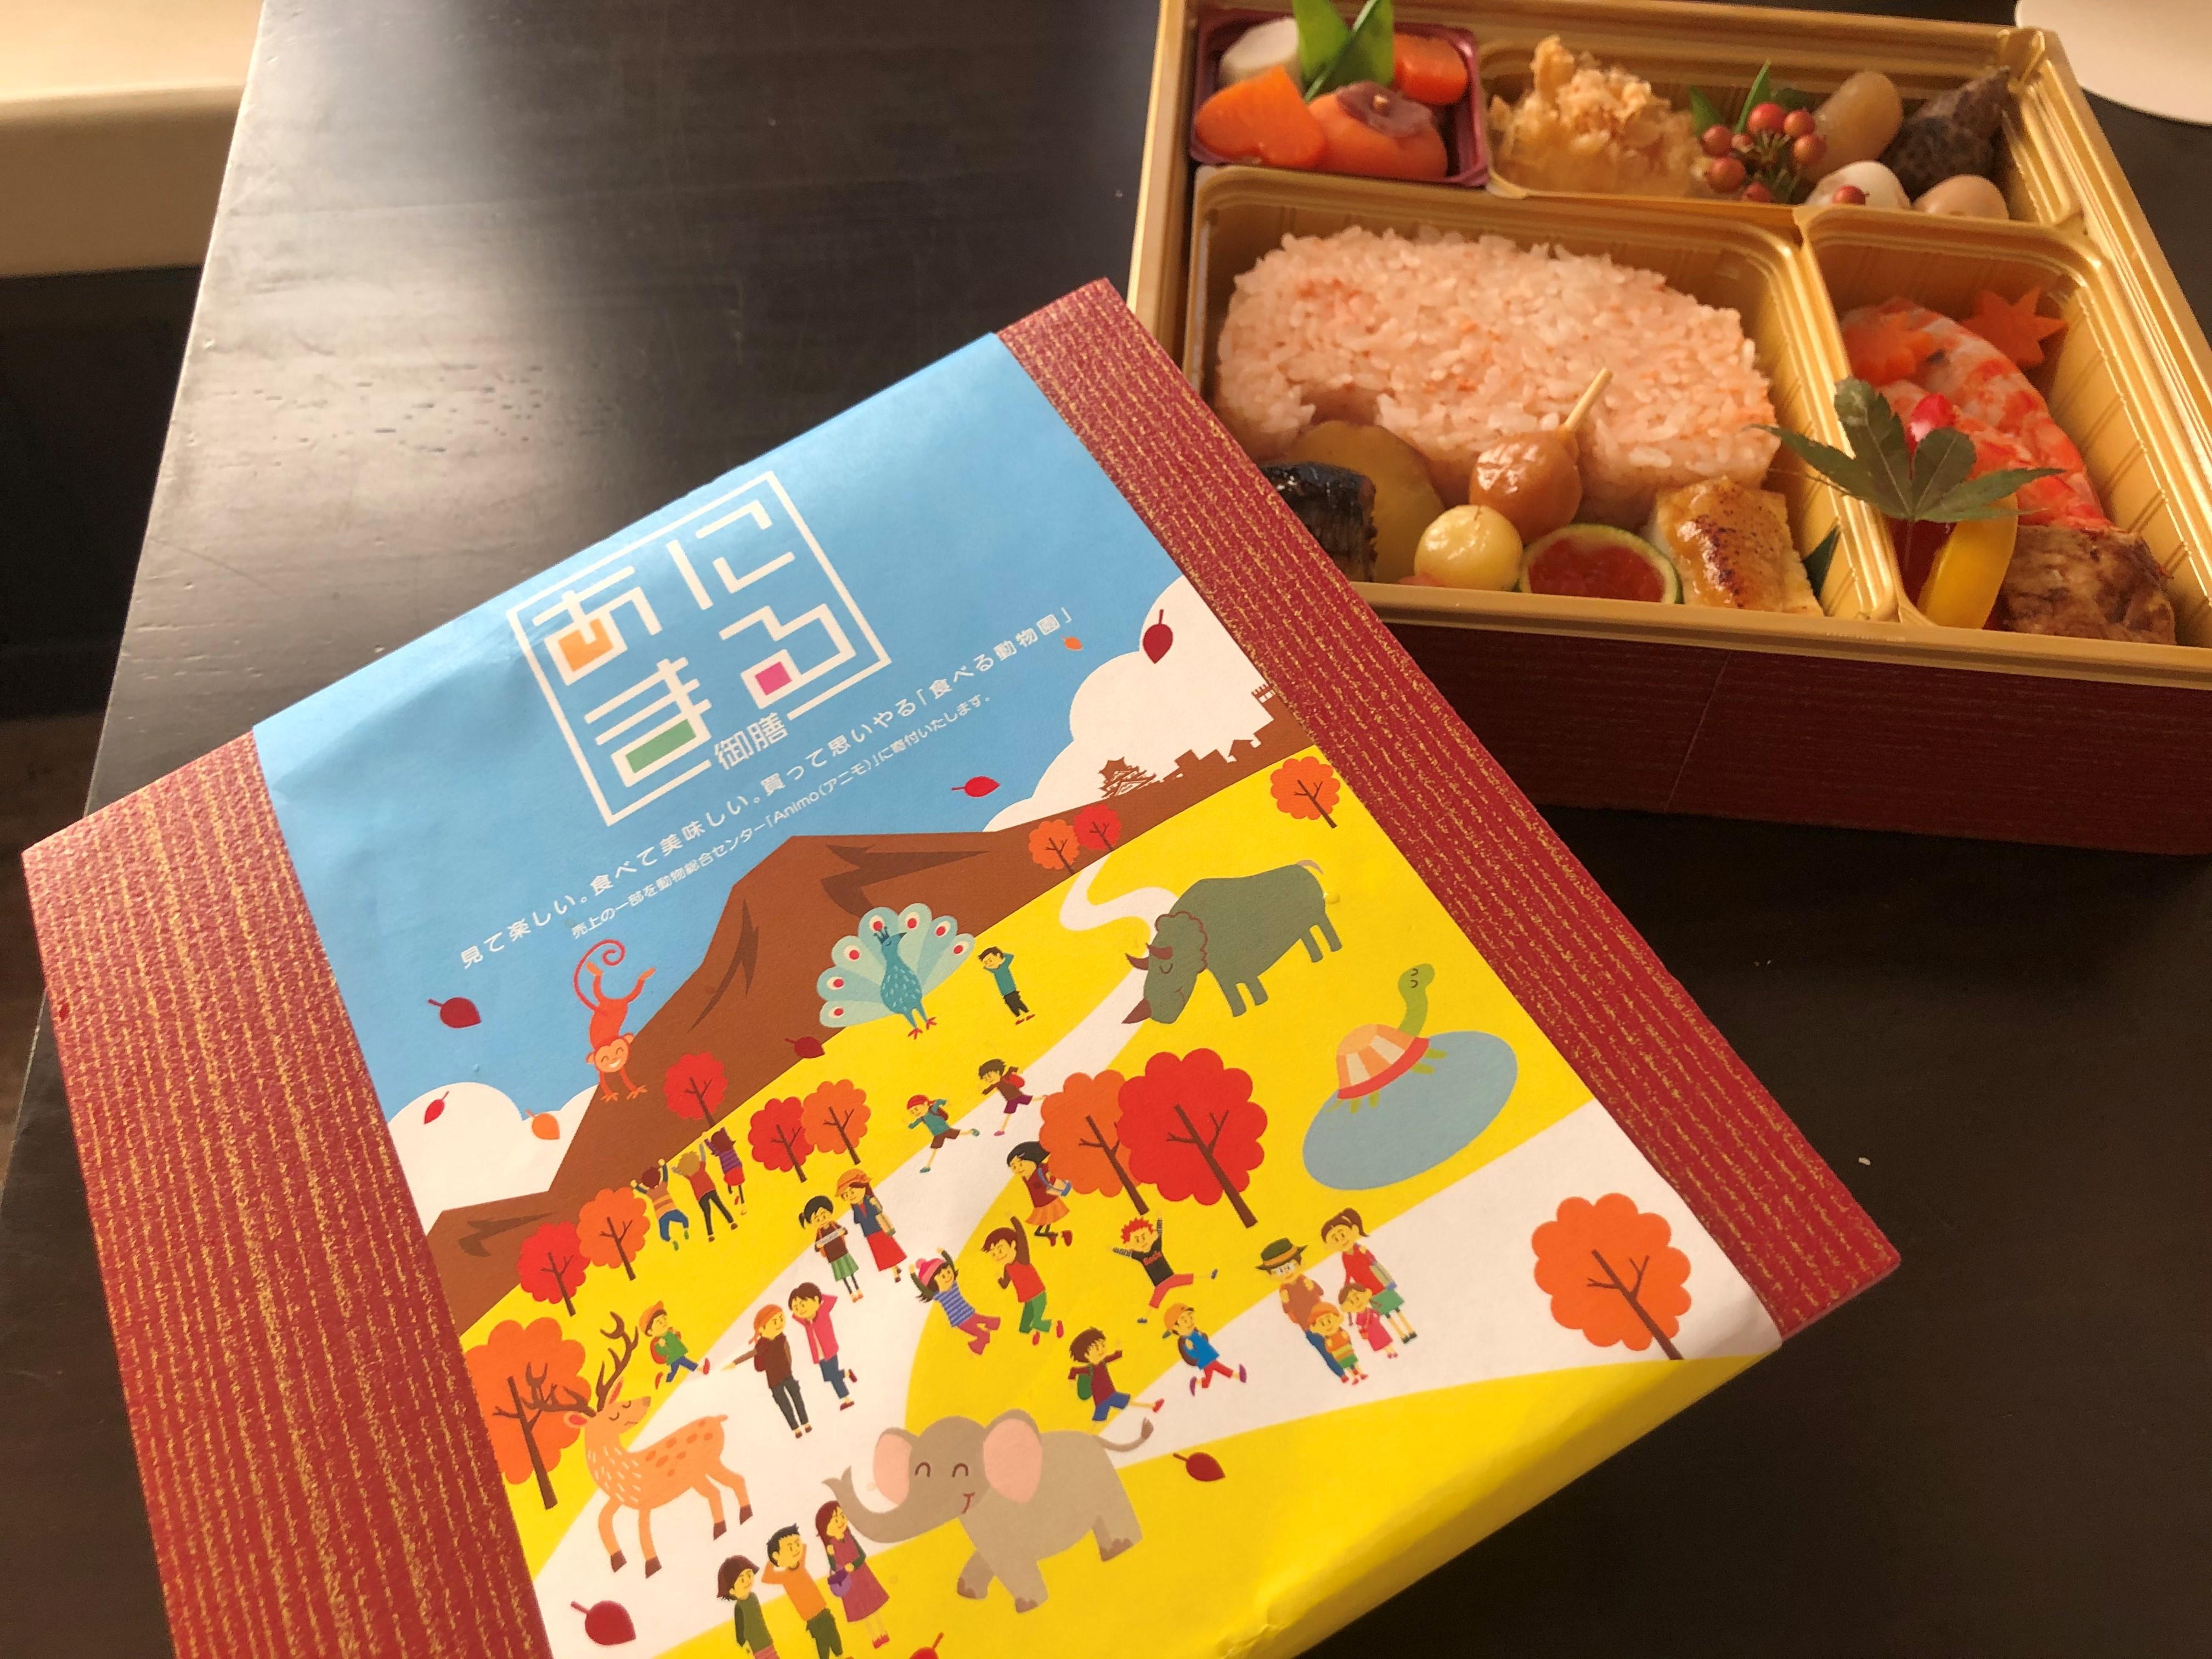 秋限定!岡崎市東公園の紅葉まつりに、あざれあ特製「あにまる御膳」を持って遊びに行こう - 962cd6b567065d7553820ed9b858c163